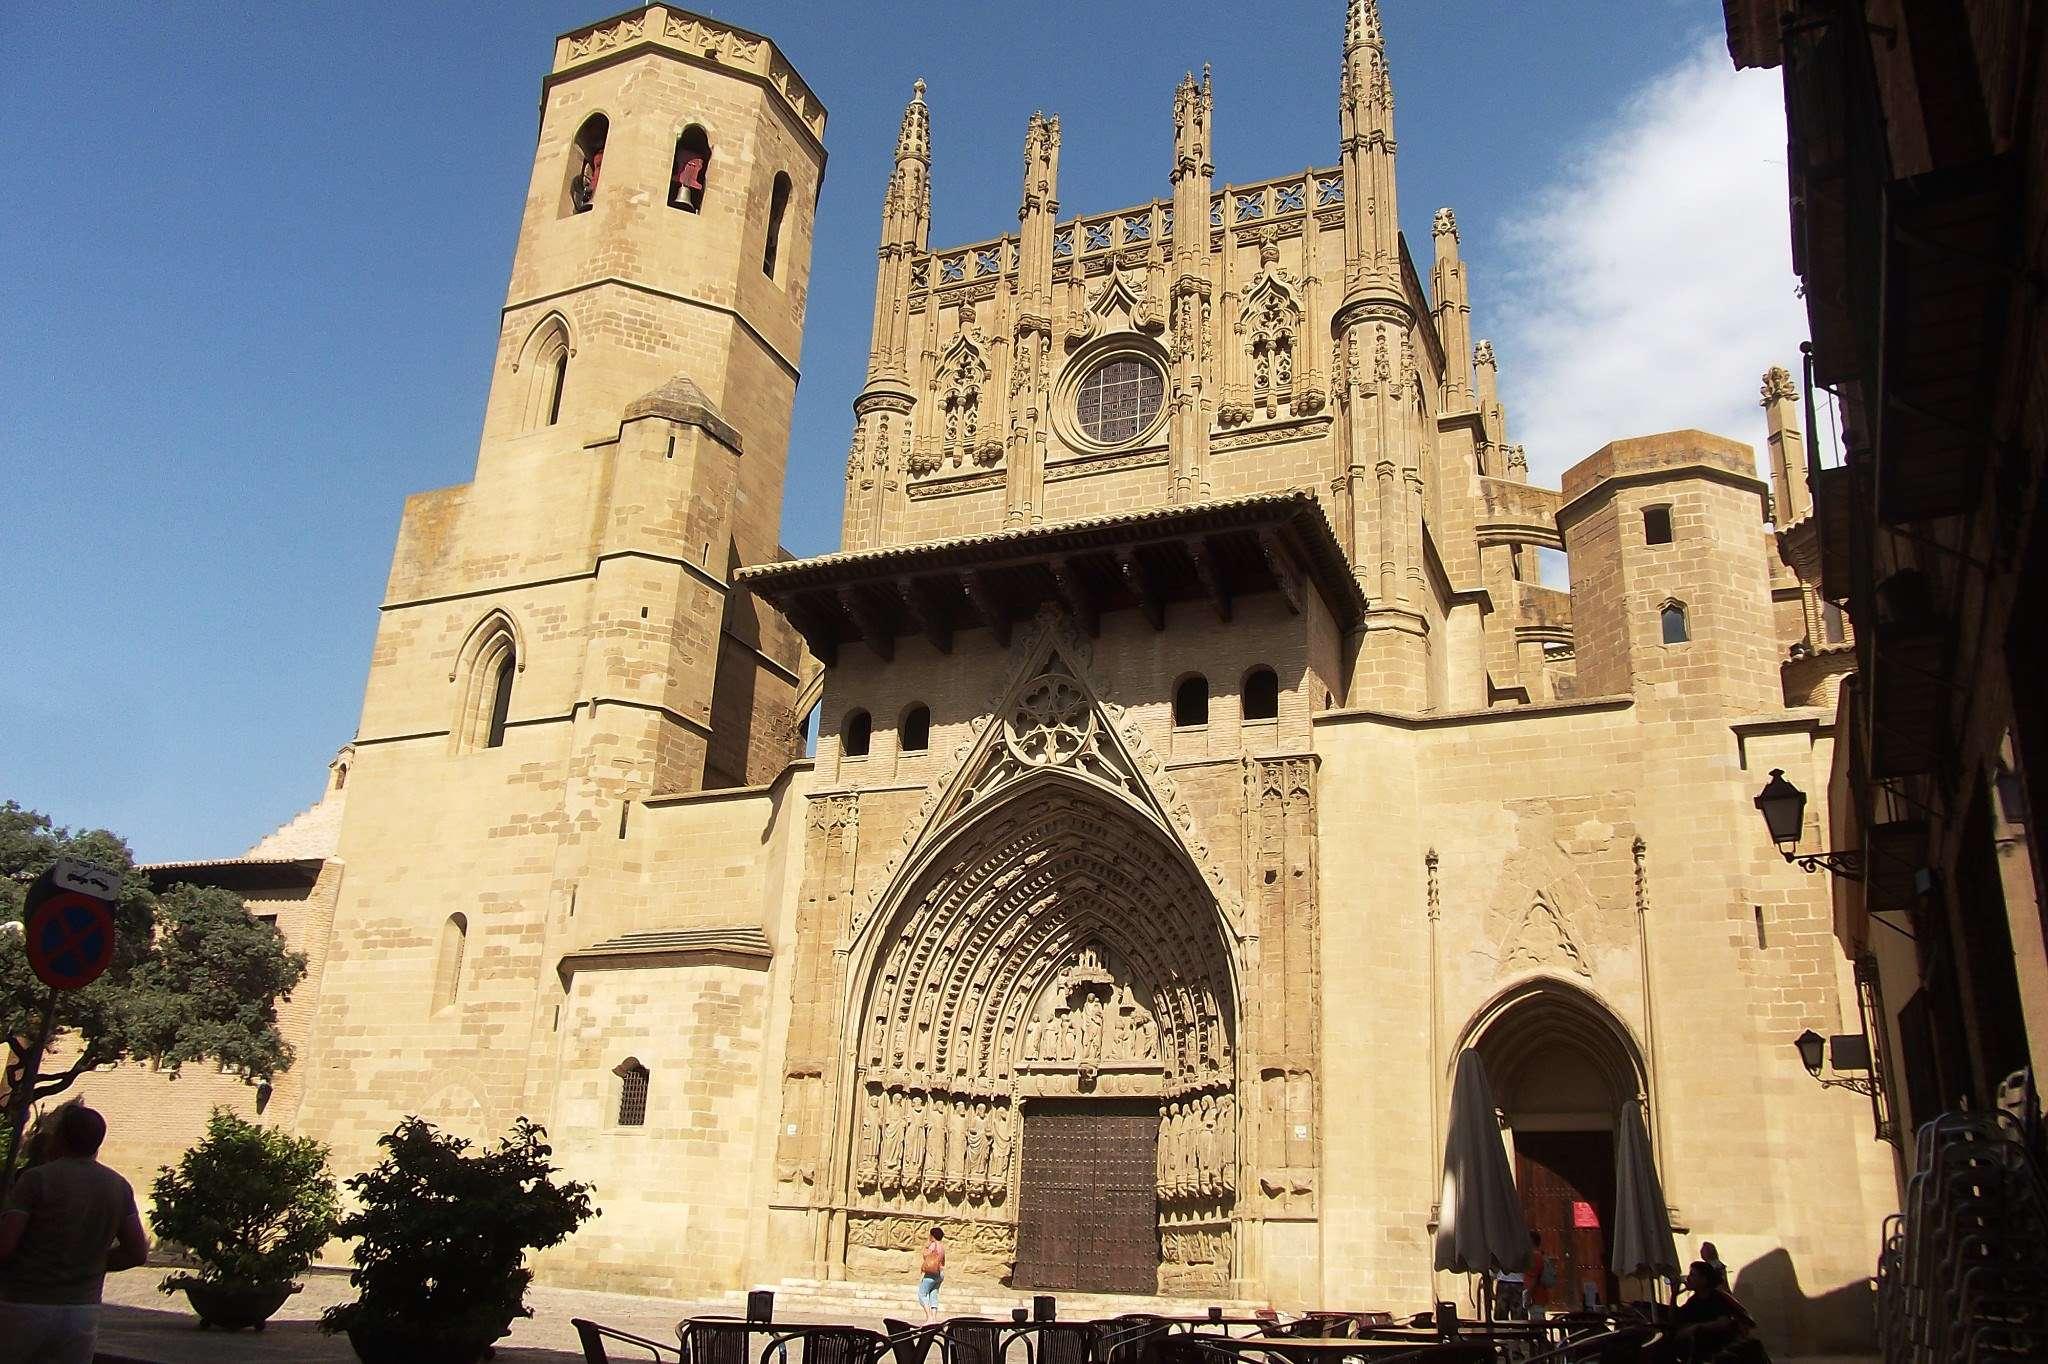 Catedral de Huesca de lópez calpe en Flickr.com